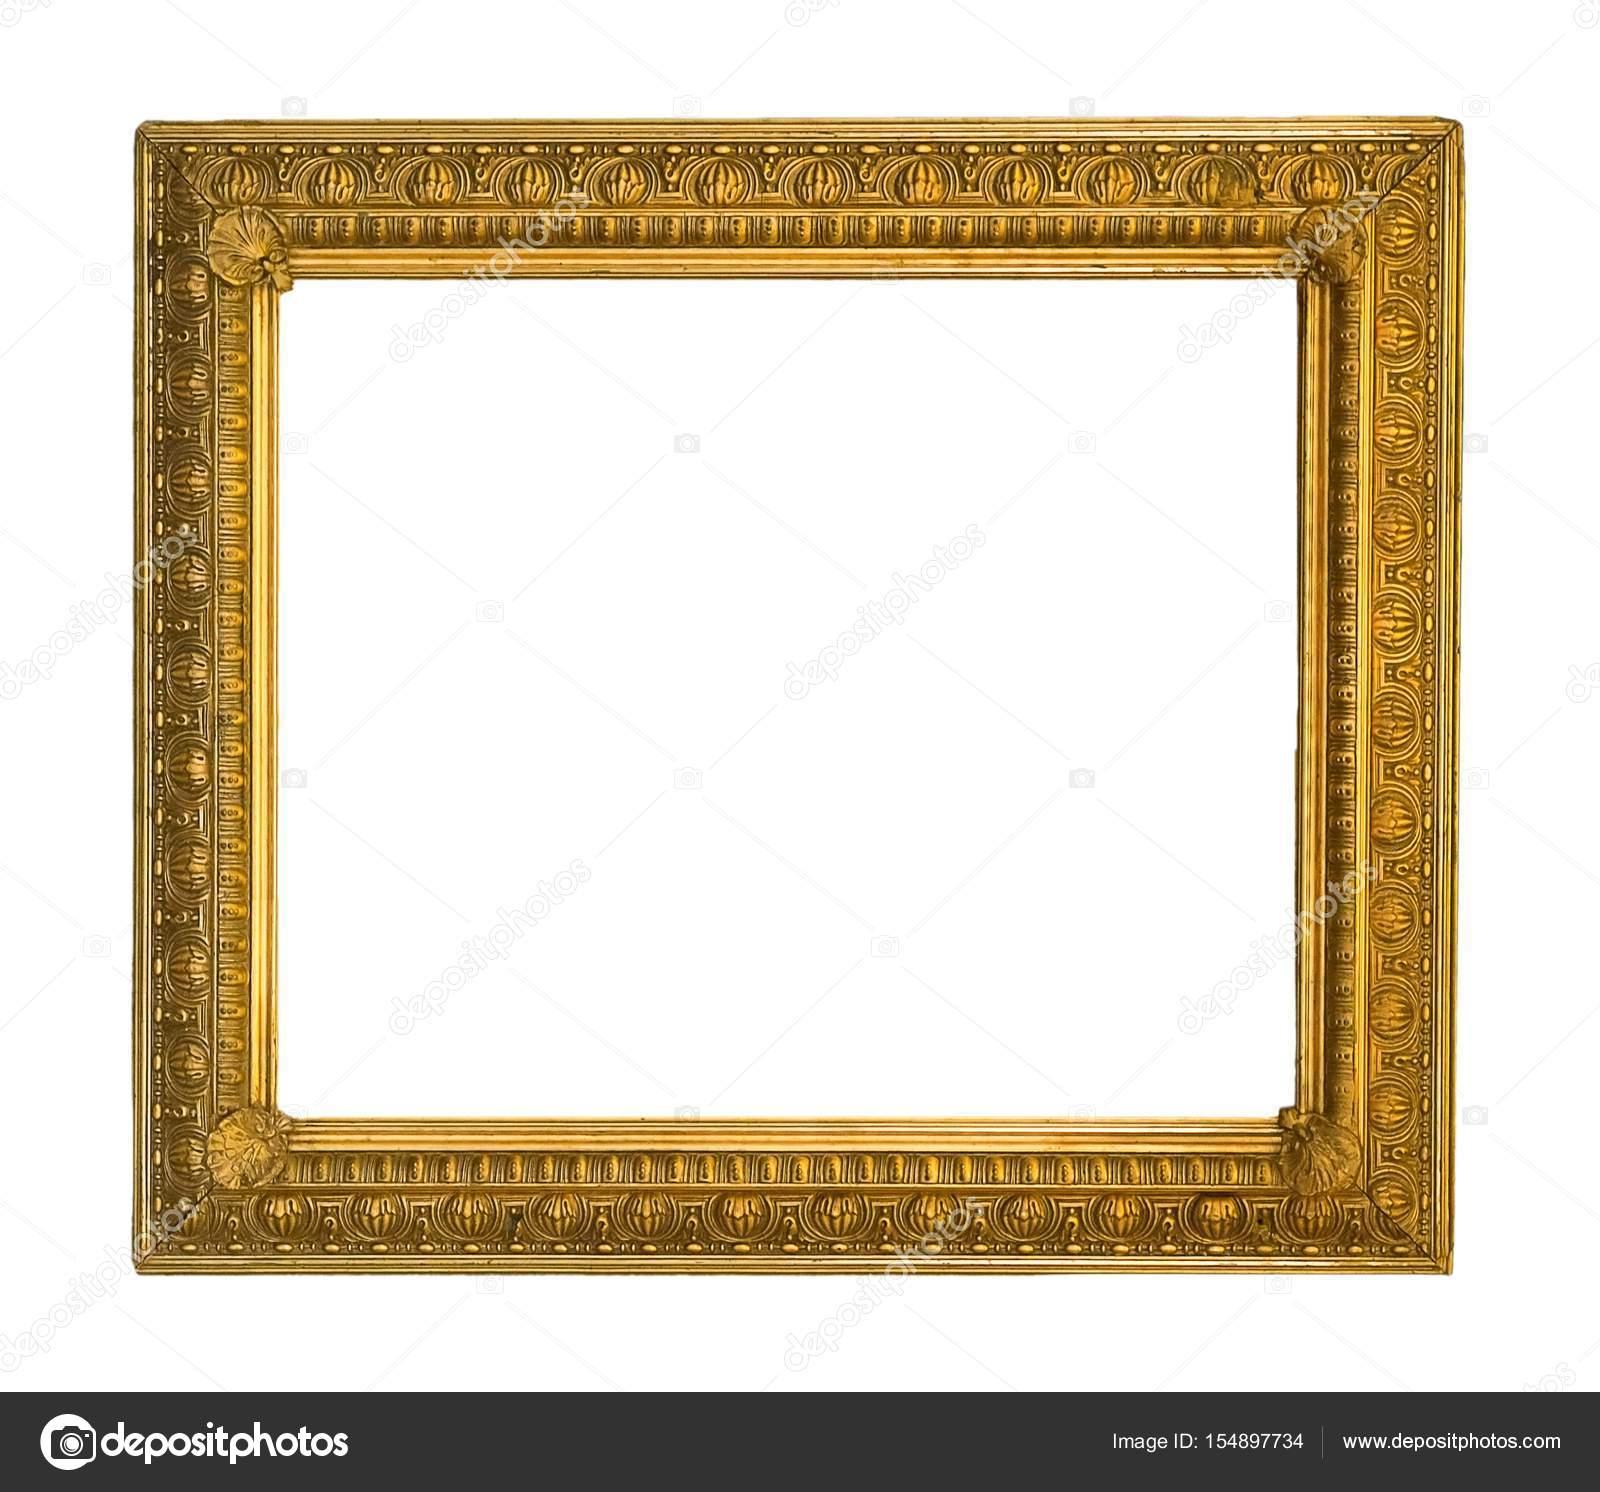 Vergoldeter Rahmen für Bilder, Spiegel oder Fotos — Stockfoto ...